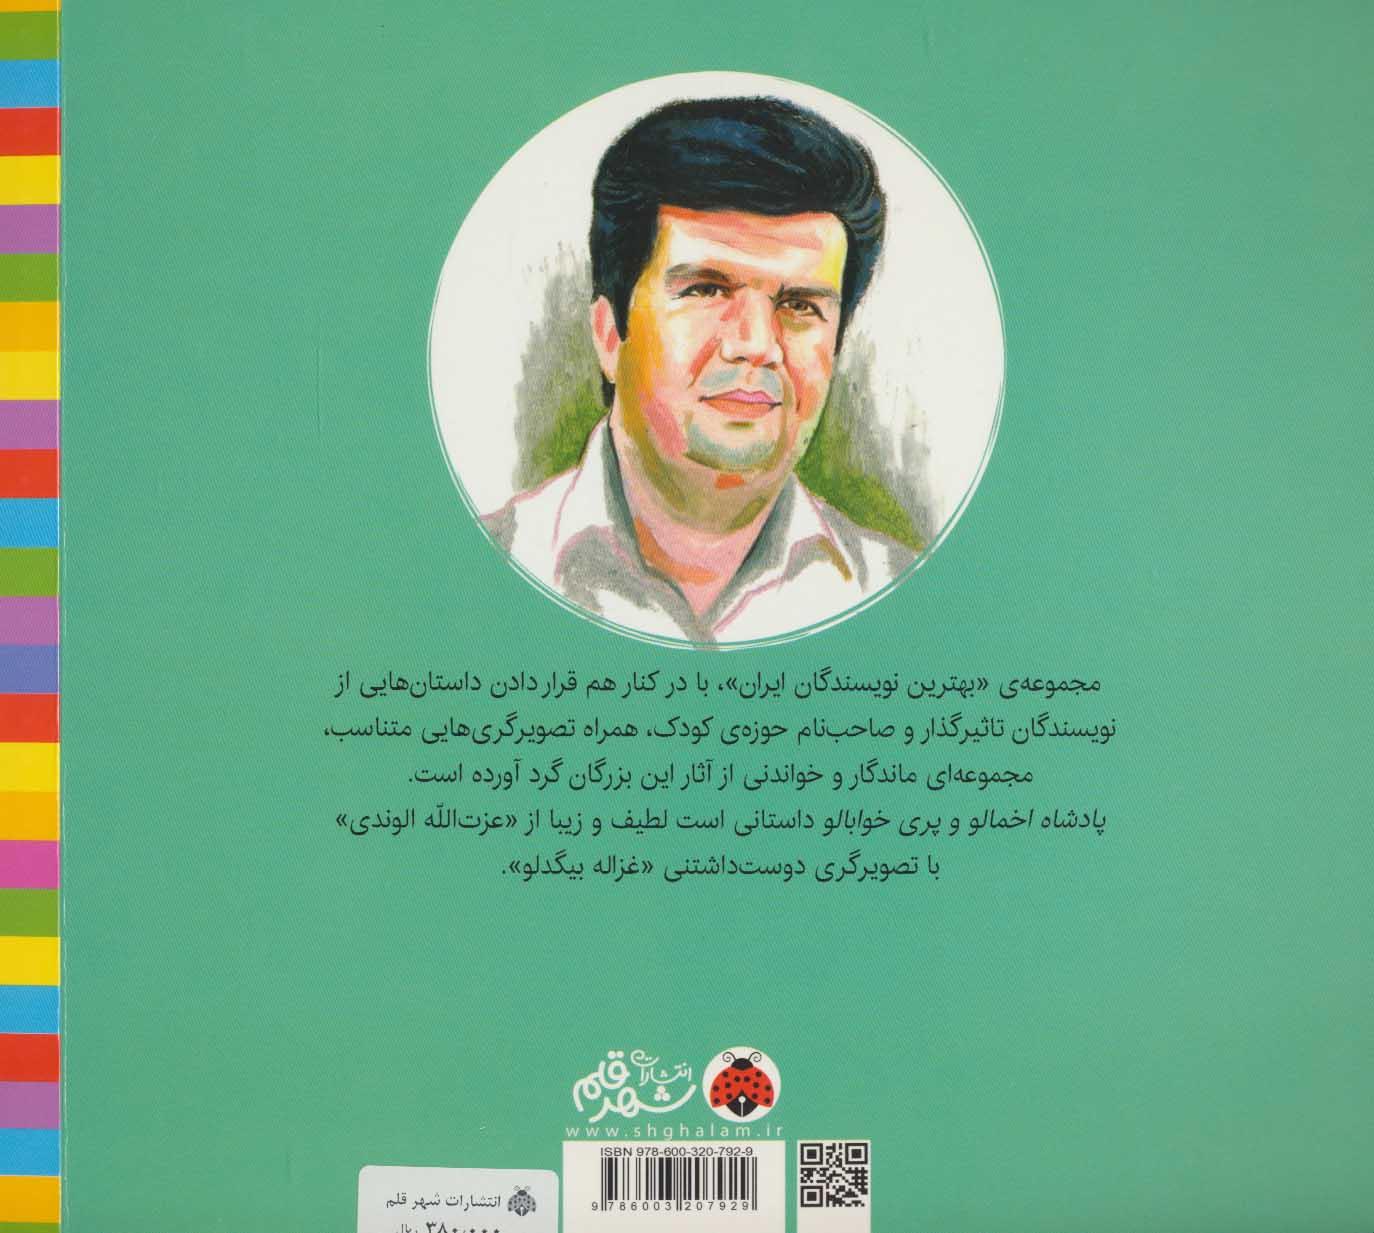 پادشاه اخمالو و پری خوابالو (بهترین نویسندگان ایران)